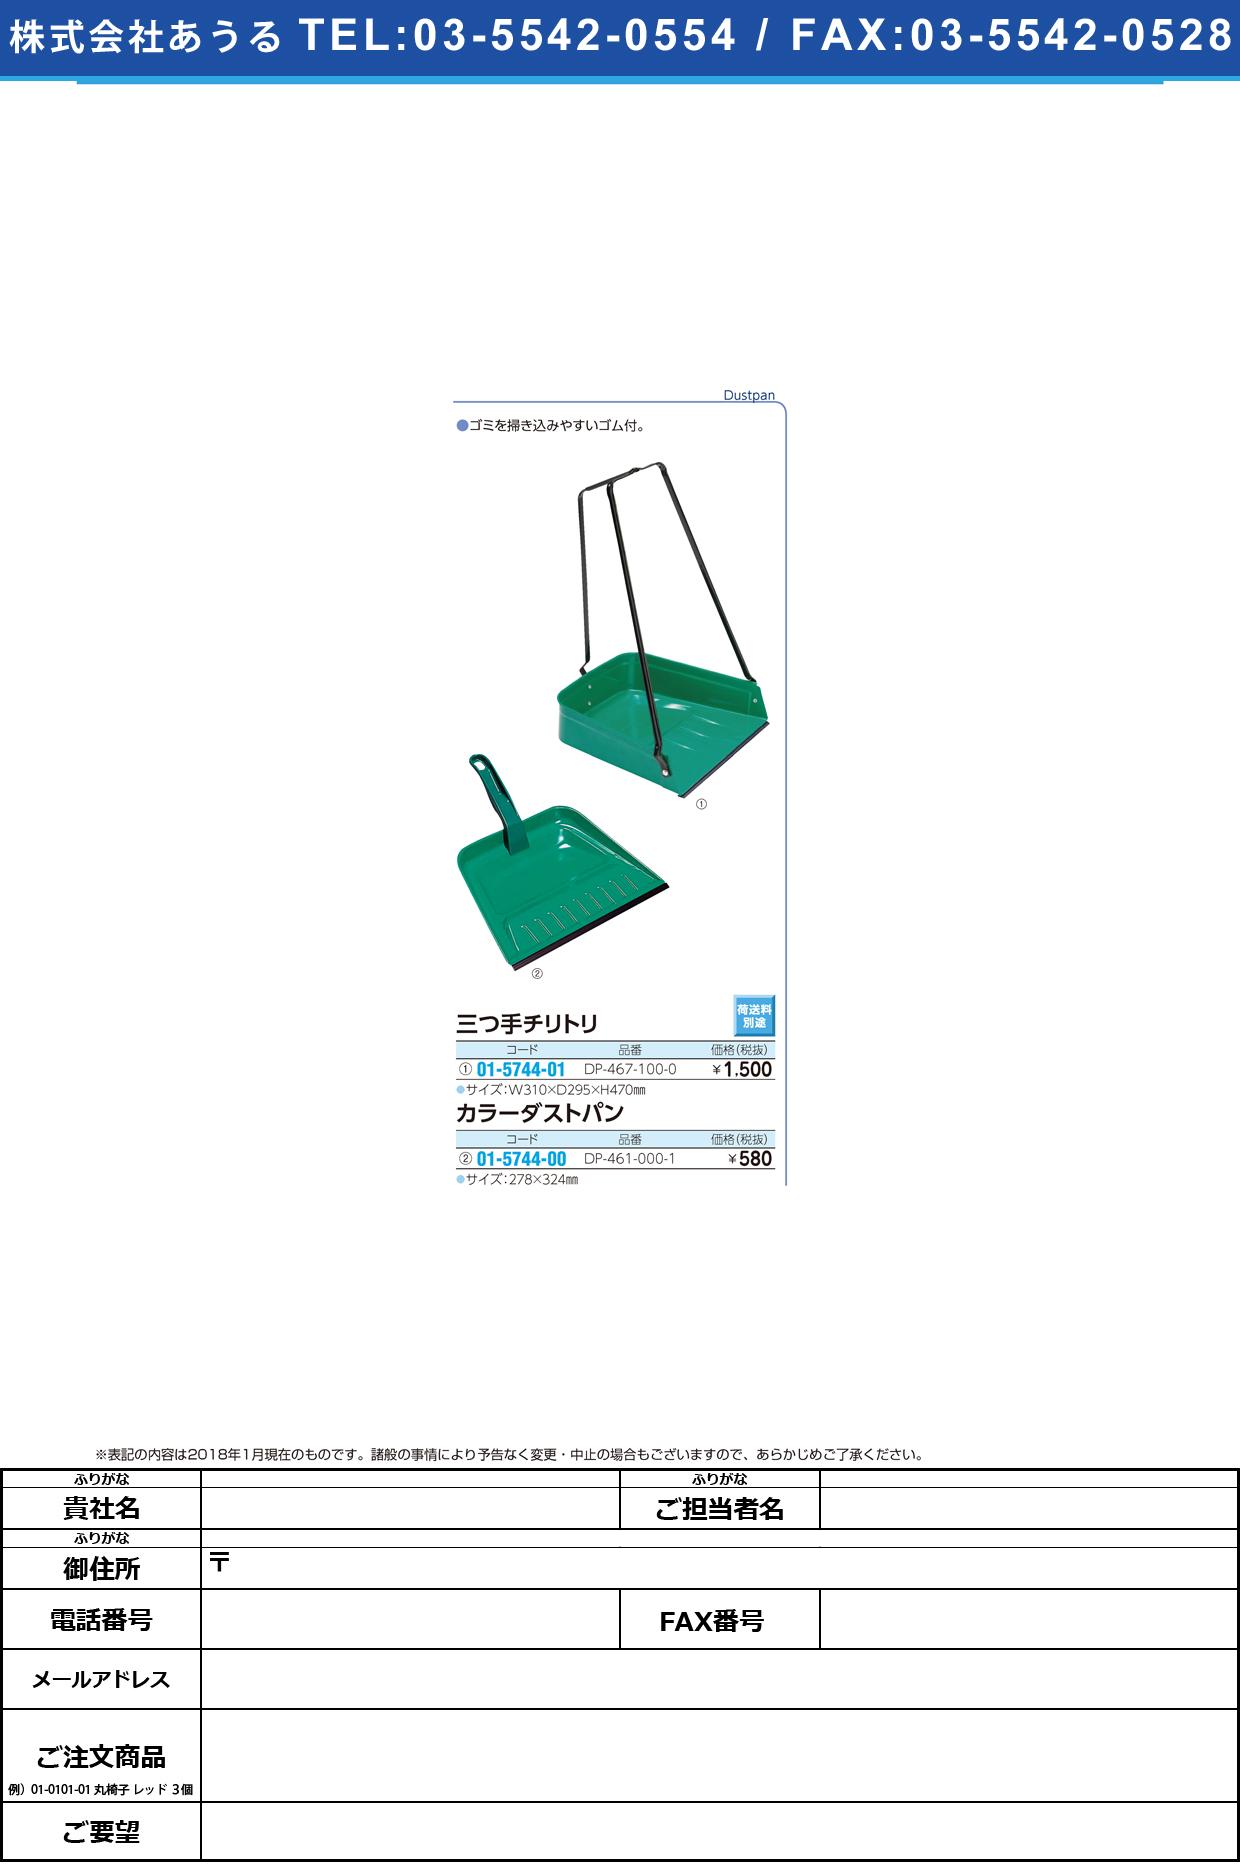 (01-5744-00)カラーダストパン DP-461-000-1 カラーダストパン(テラモト)【1個単位】【2018年カタログ商品】